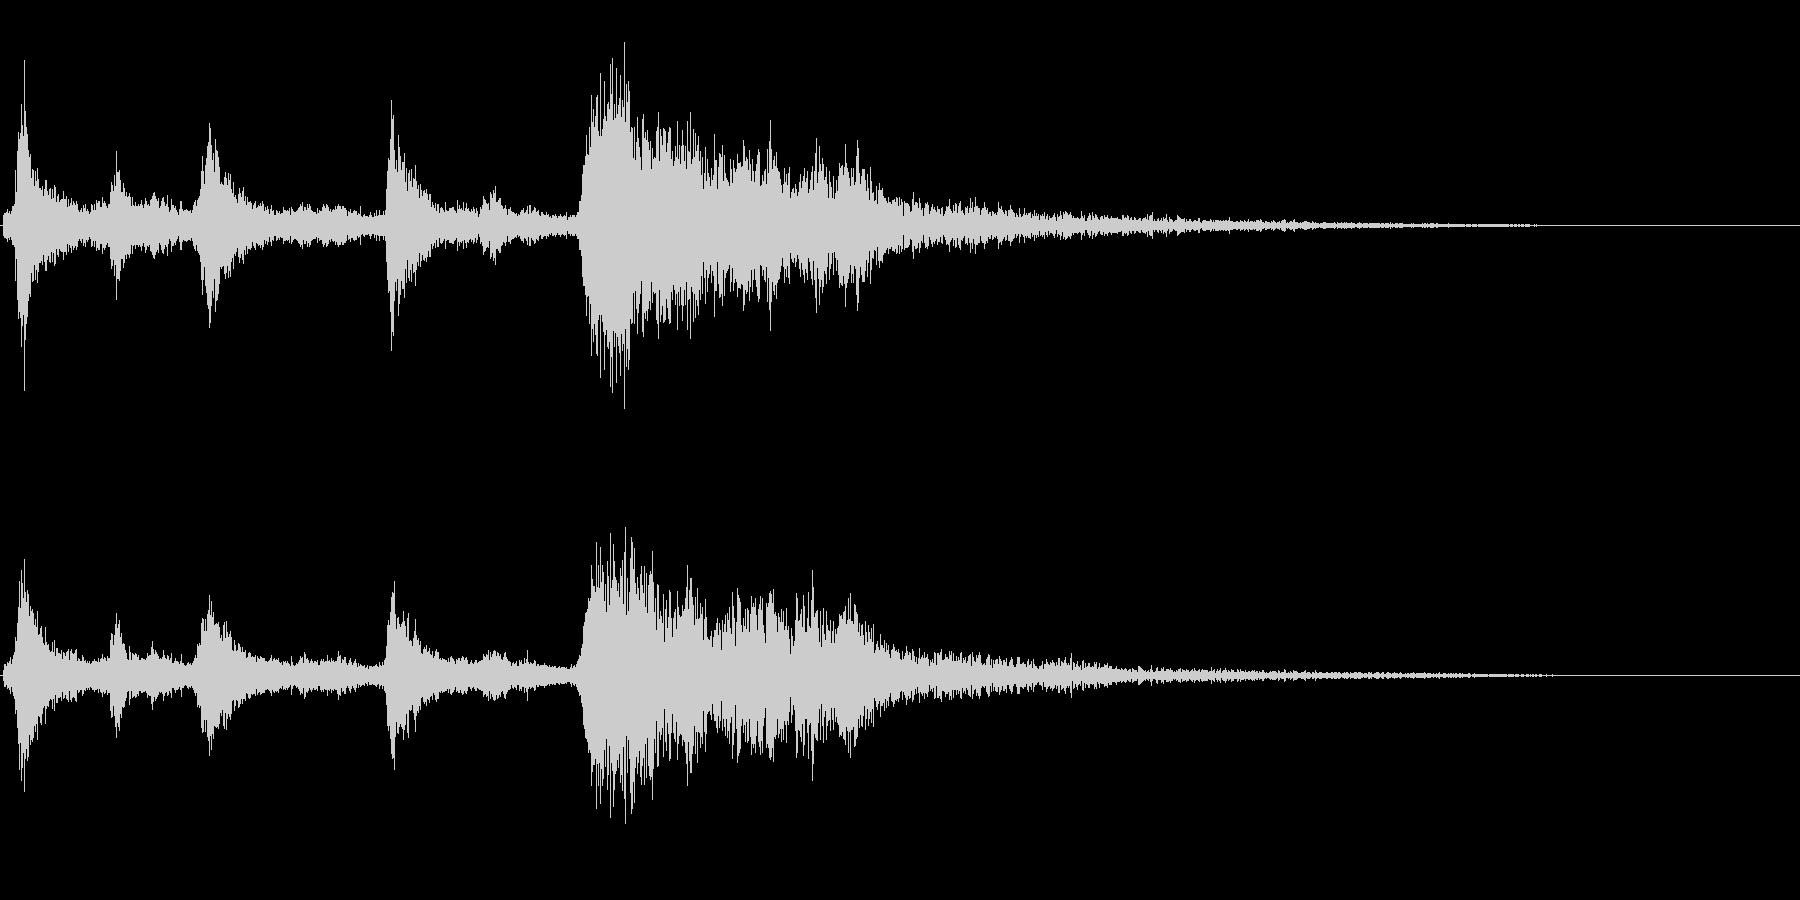 クリスマスのベル、鈴の効果音 ロゴ 11の未再生の波形